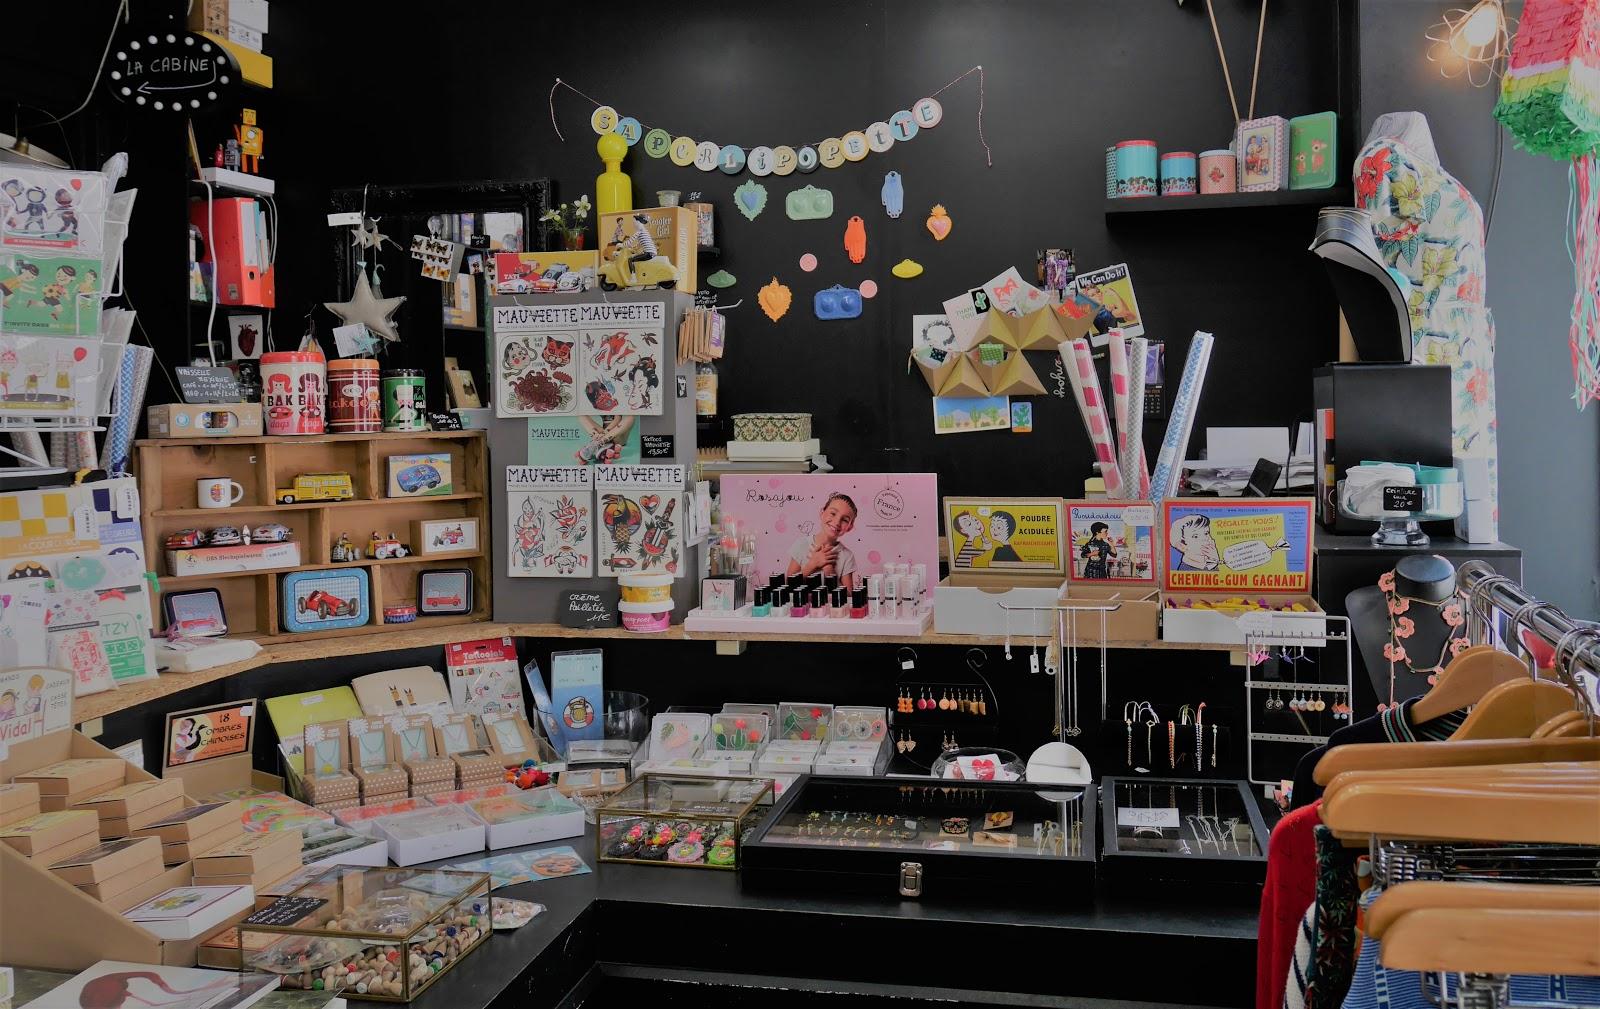 3-saperlipopette-depot-vente-et-boutique-createurs-montreuil-93